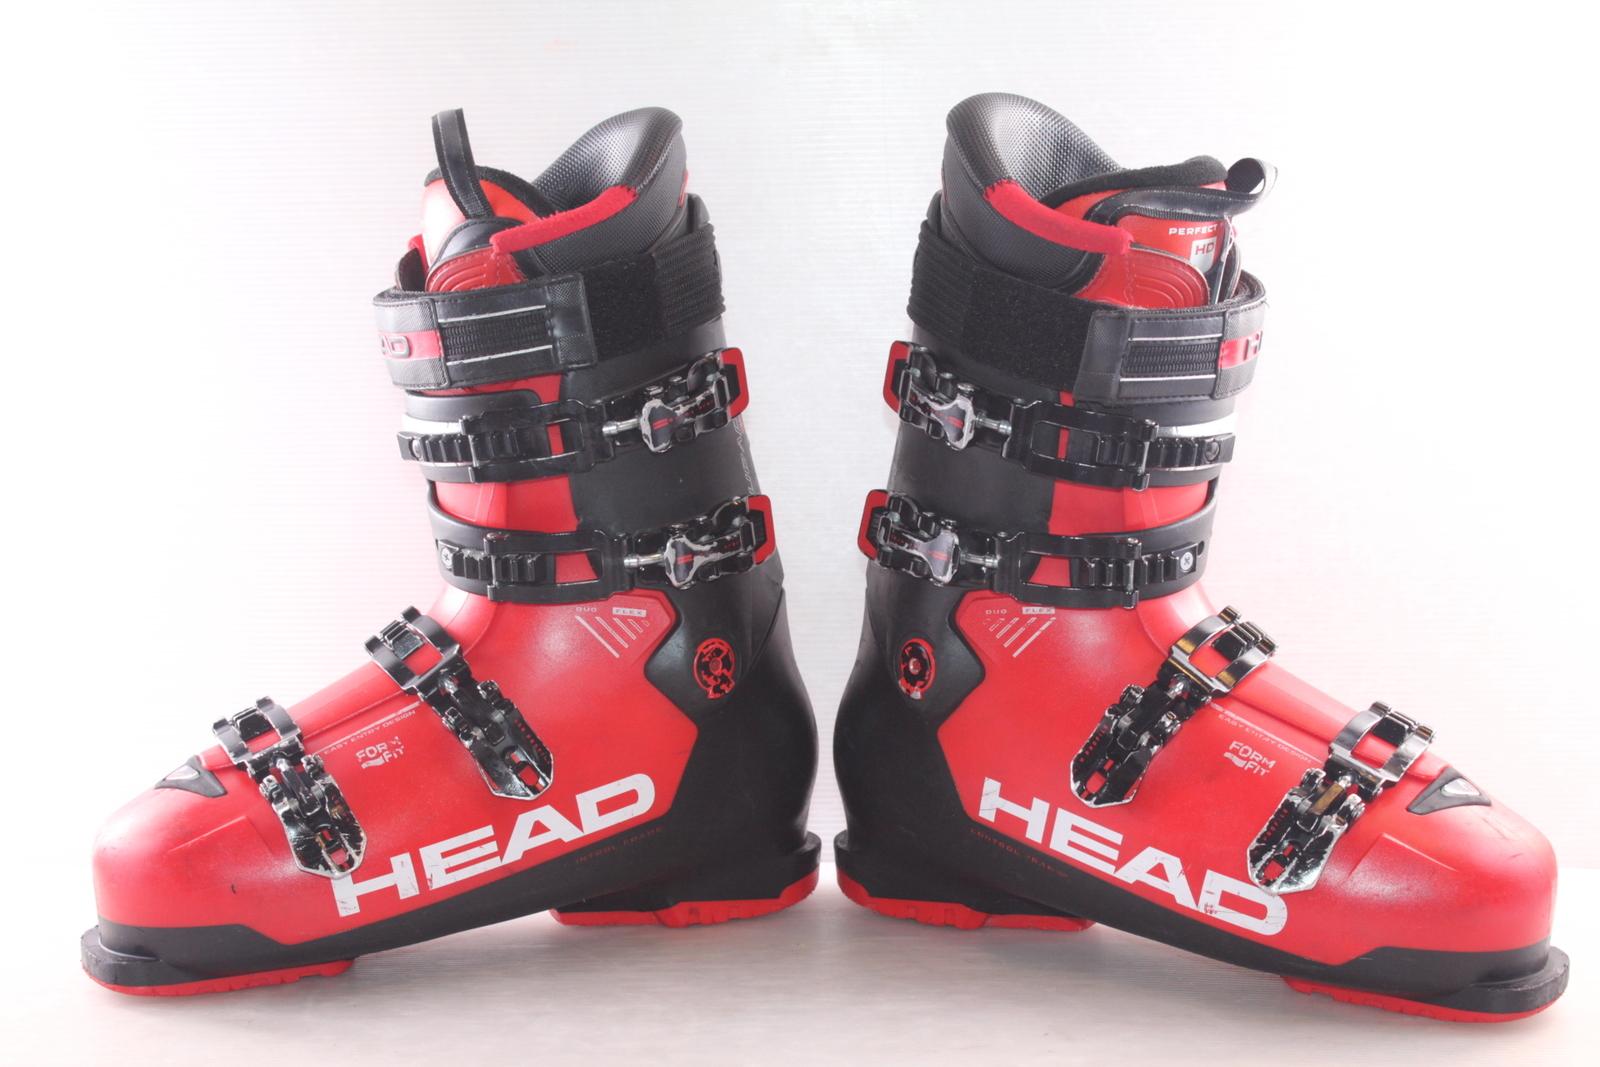 Lyžařské boty Head Advant Edge 105 vel. EU46.5 flexe 105